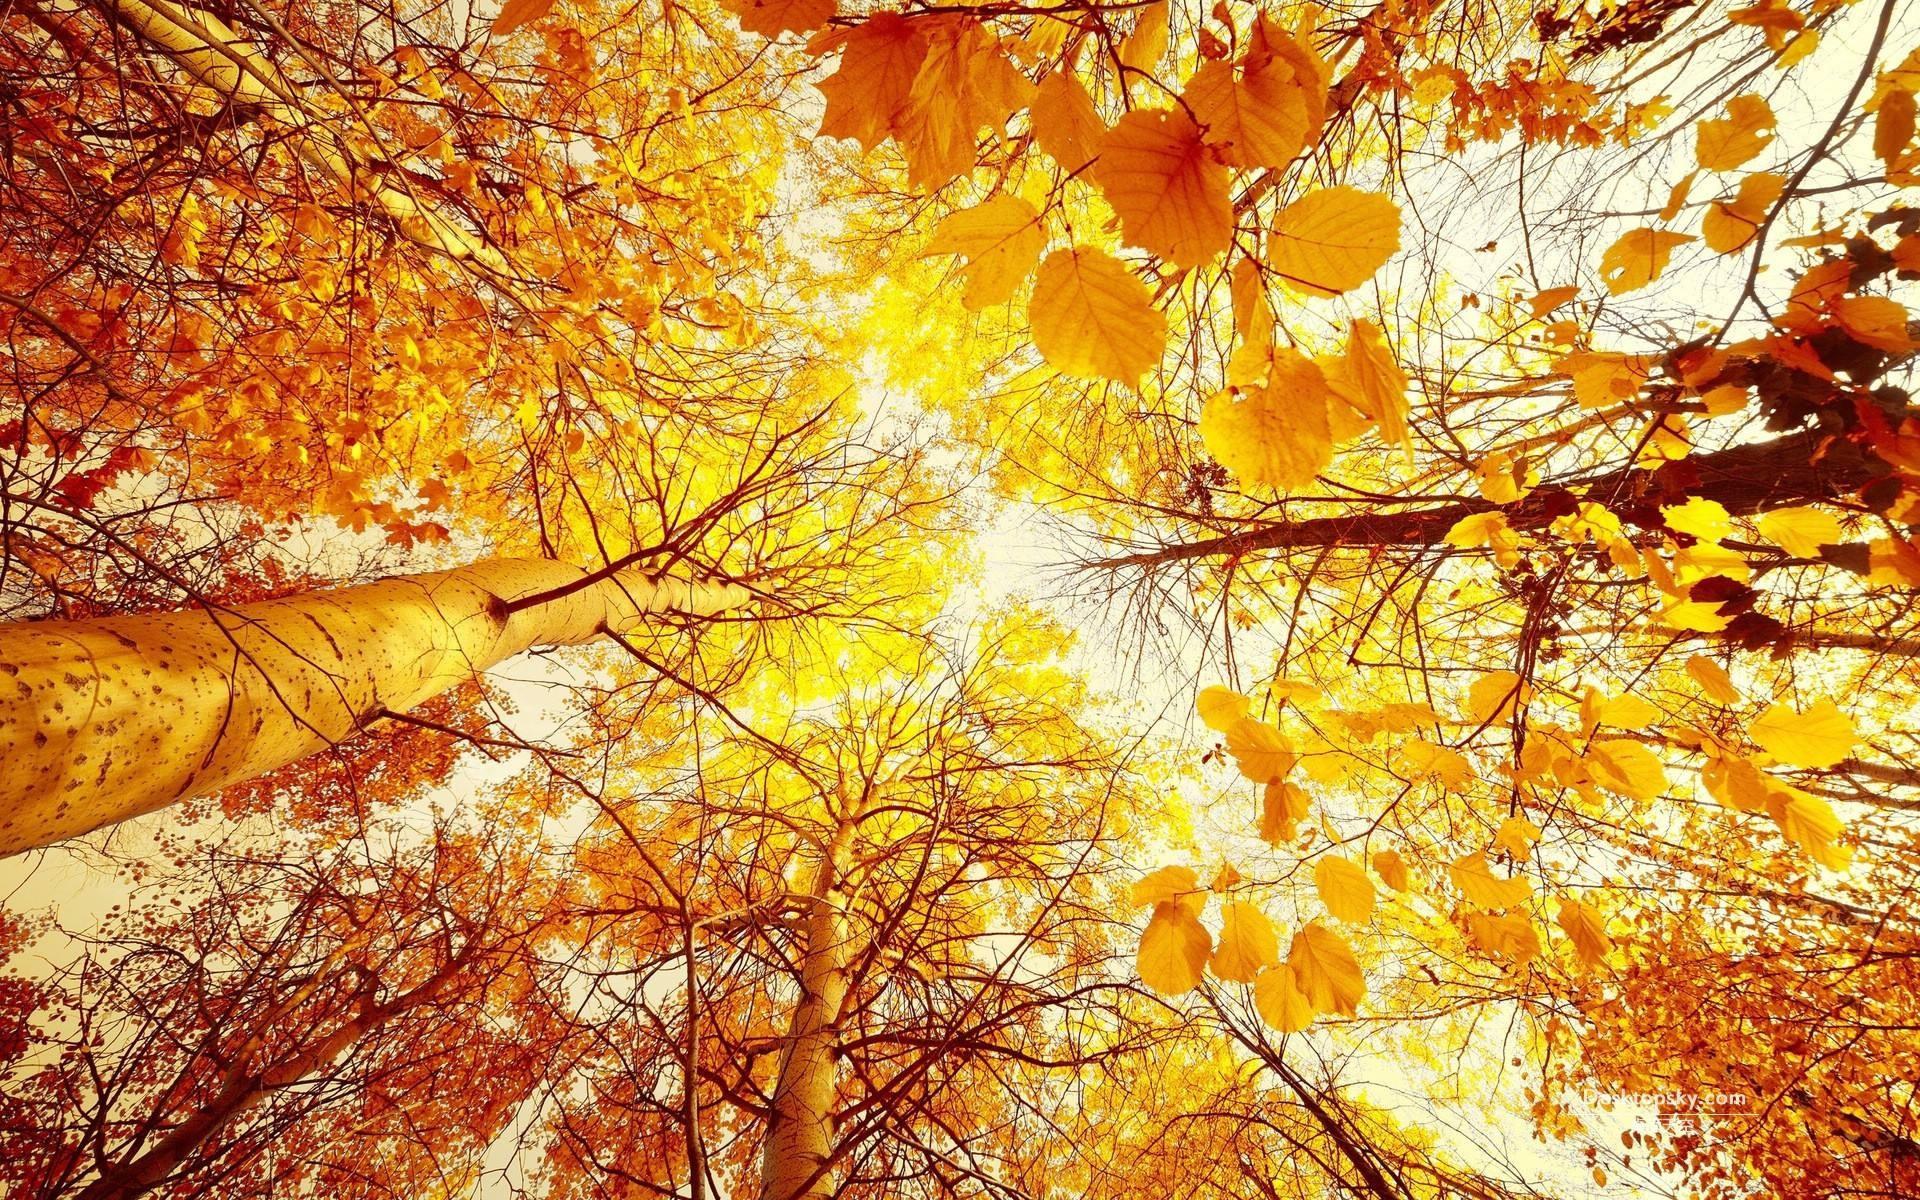 秋天早晨的景色照片